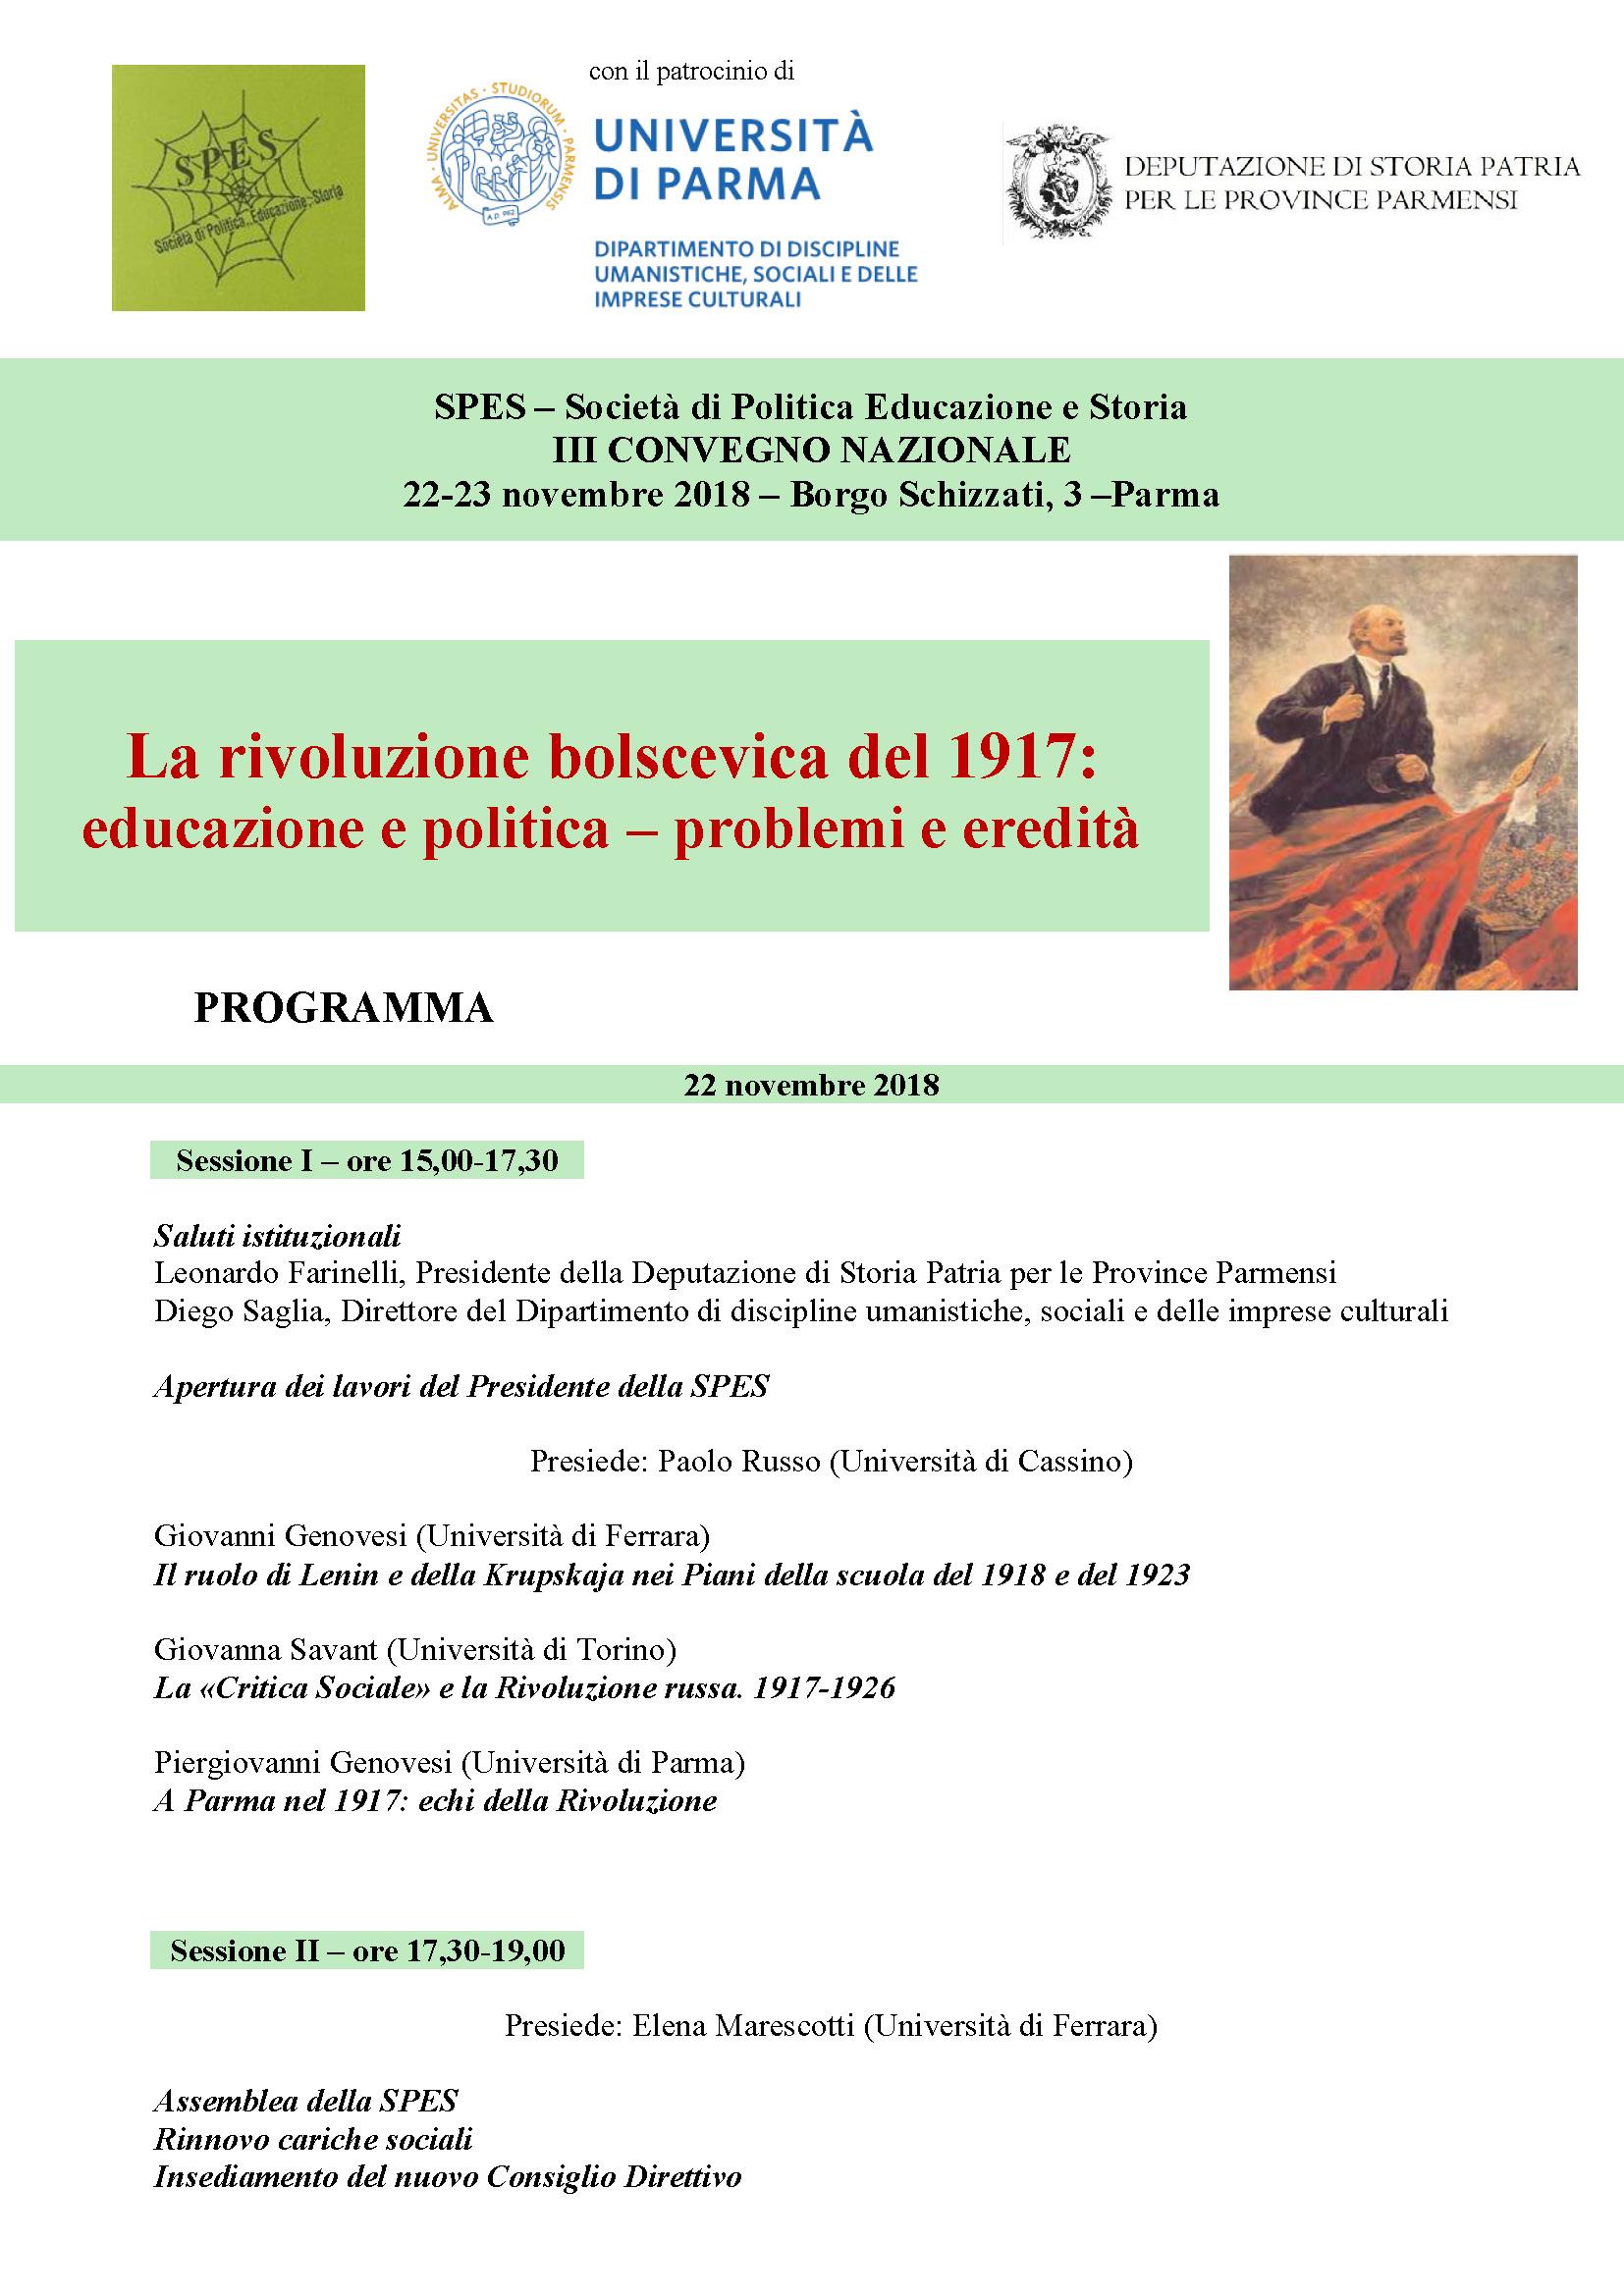 """Convegno """"La rivoluzione bolscevica del 1917. Educazione e politica – problemi e eredità"""" – 22-23  novembre, Parma"""